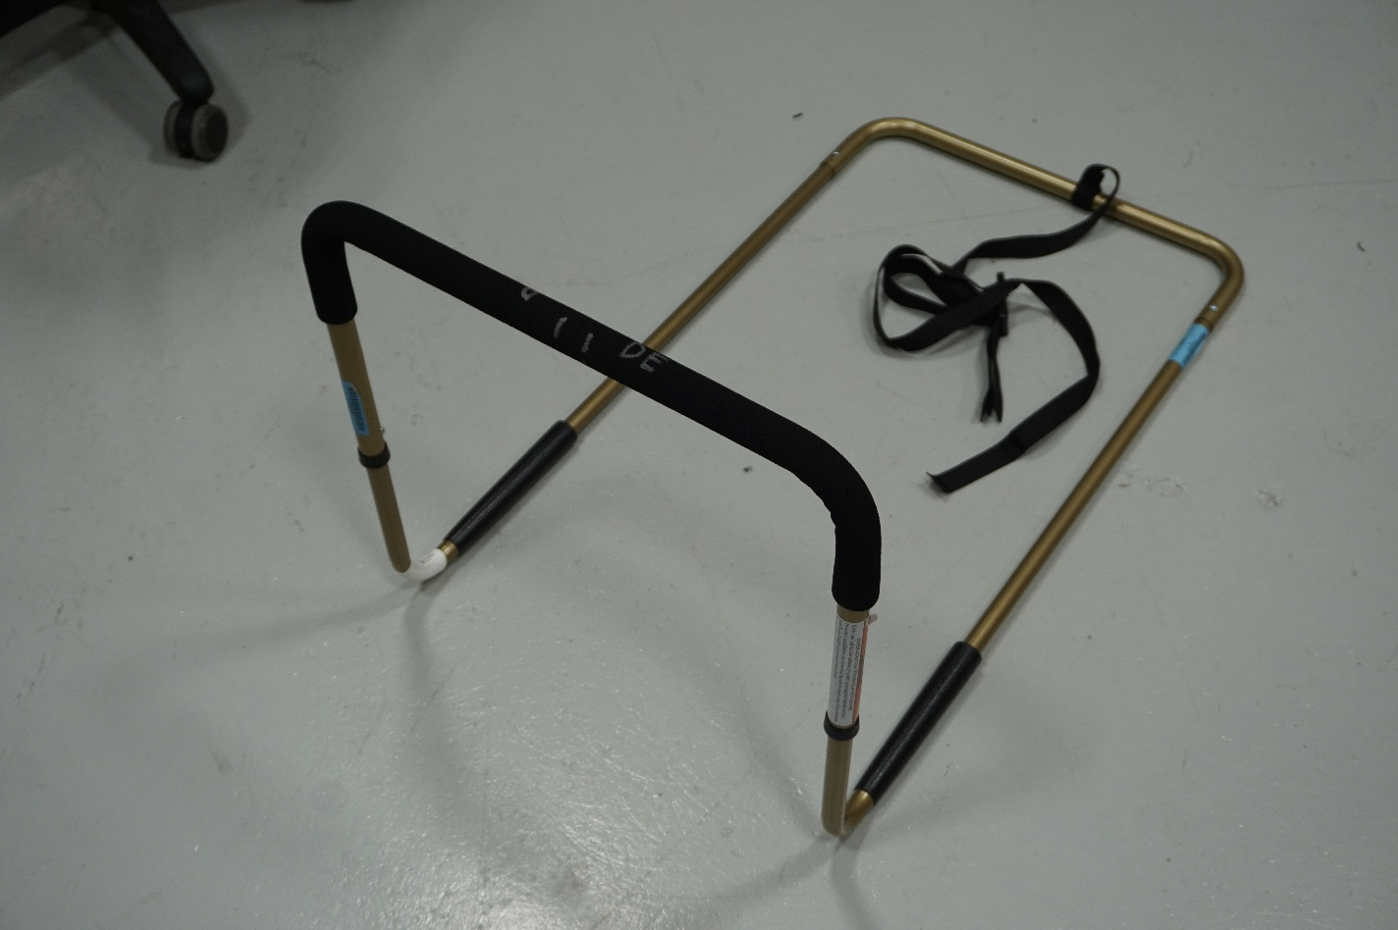 Bed Handles Inc. Adjustable Bedside Assistant (AJ1) adult portable bedrail